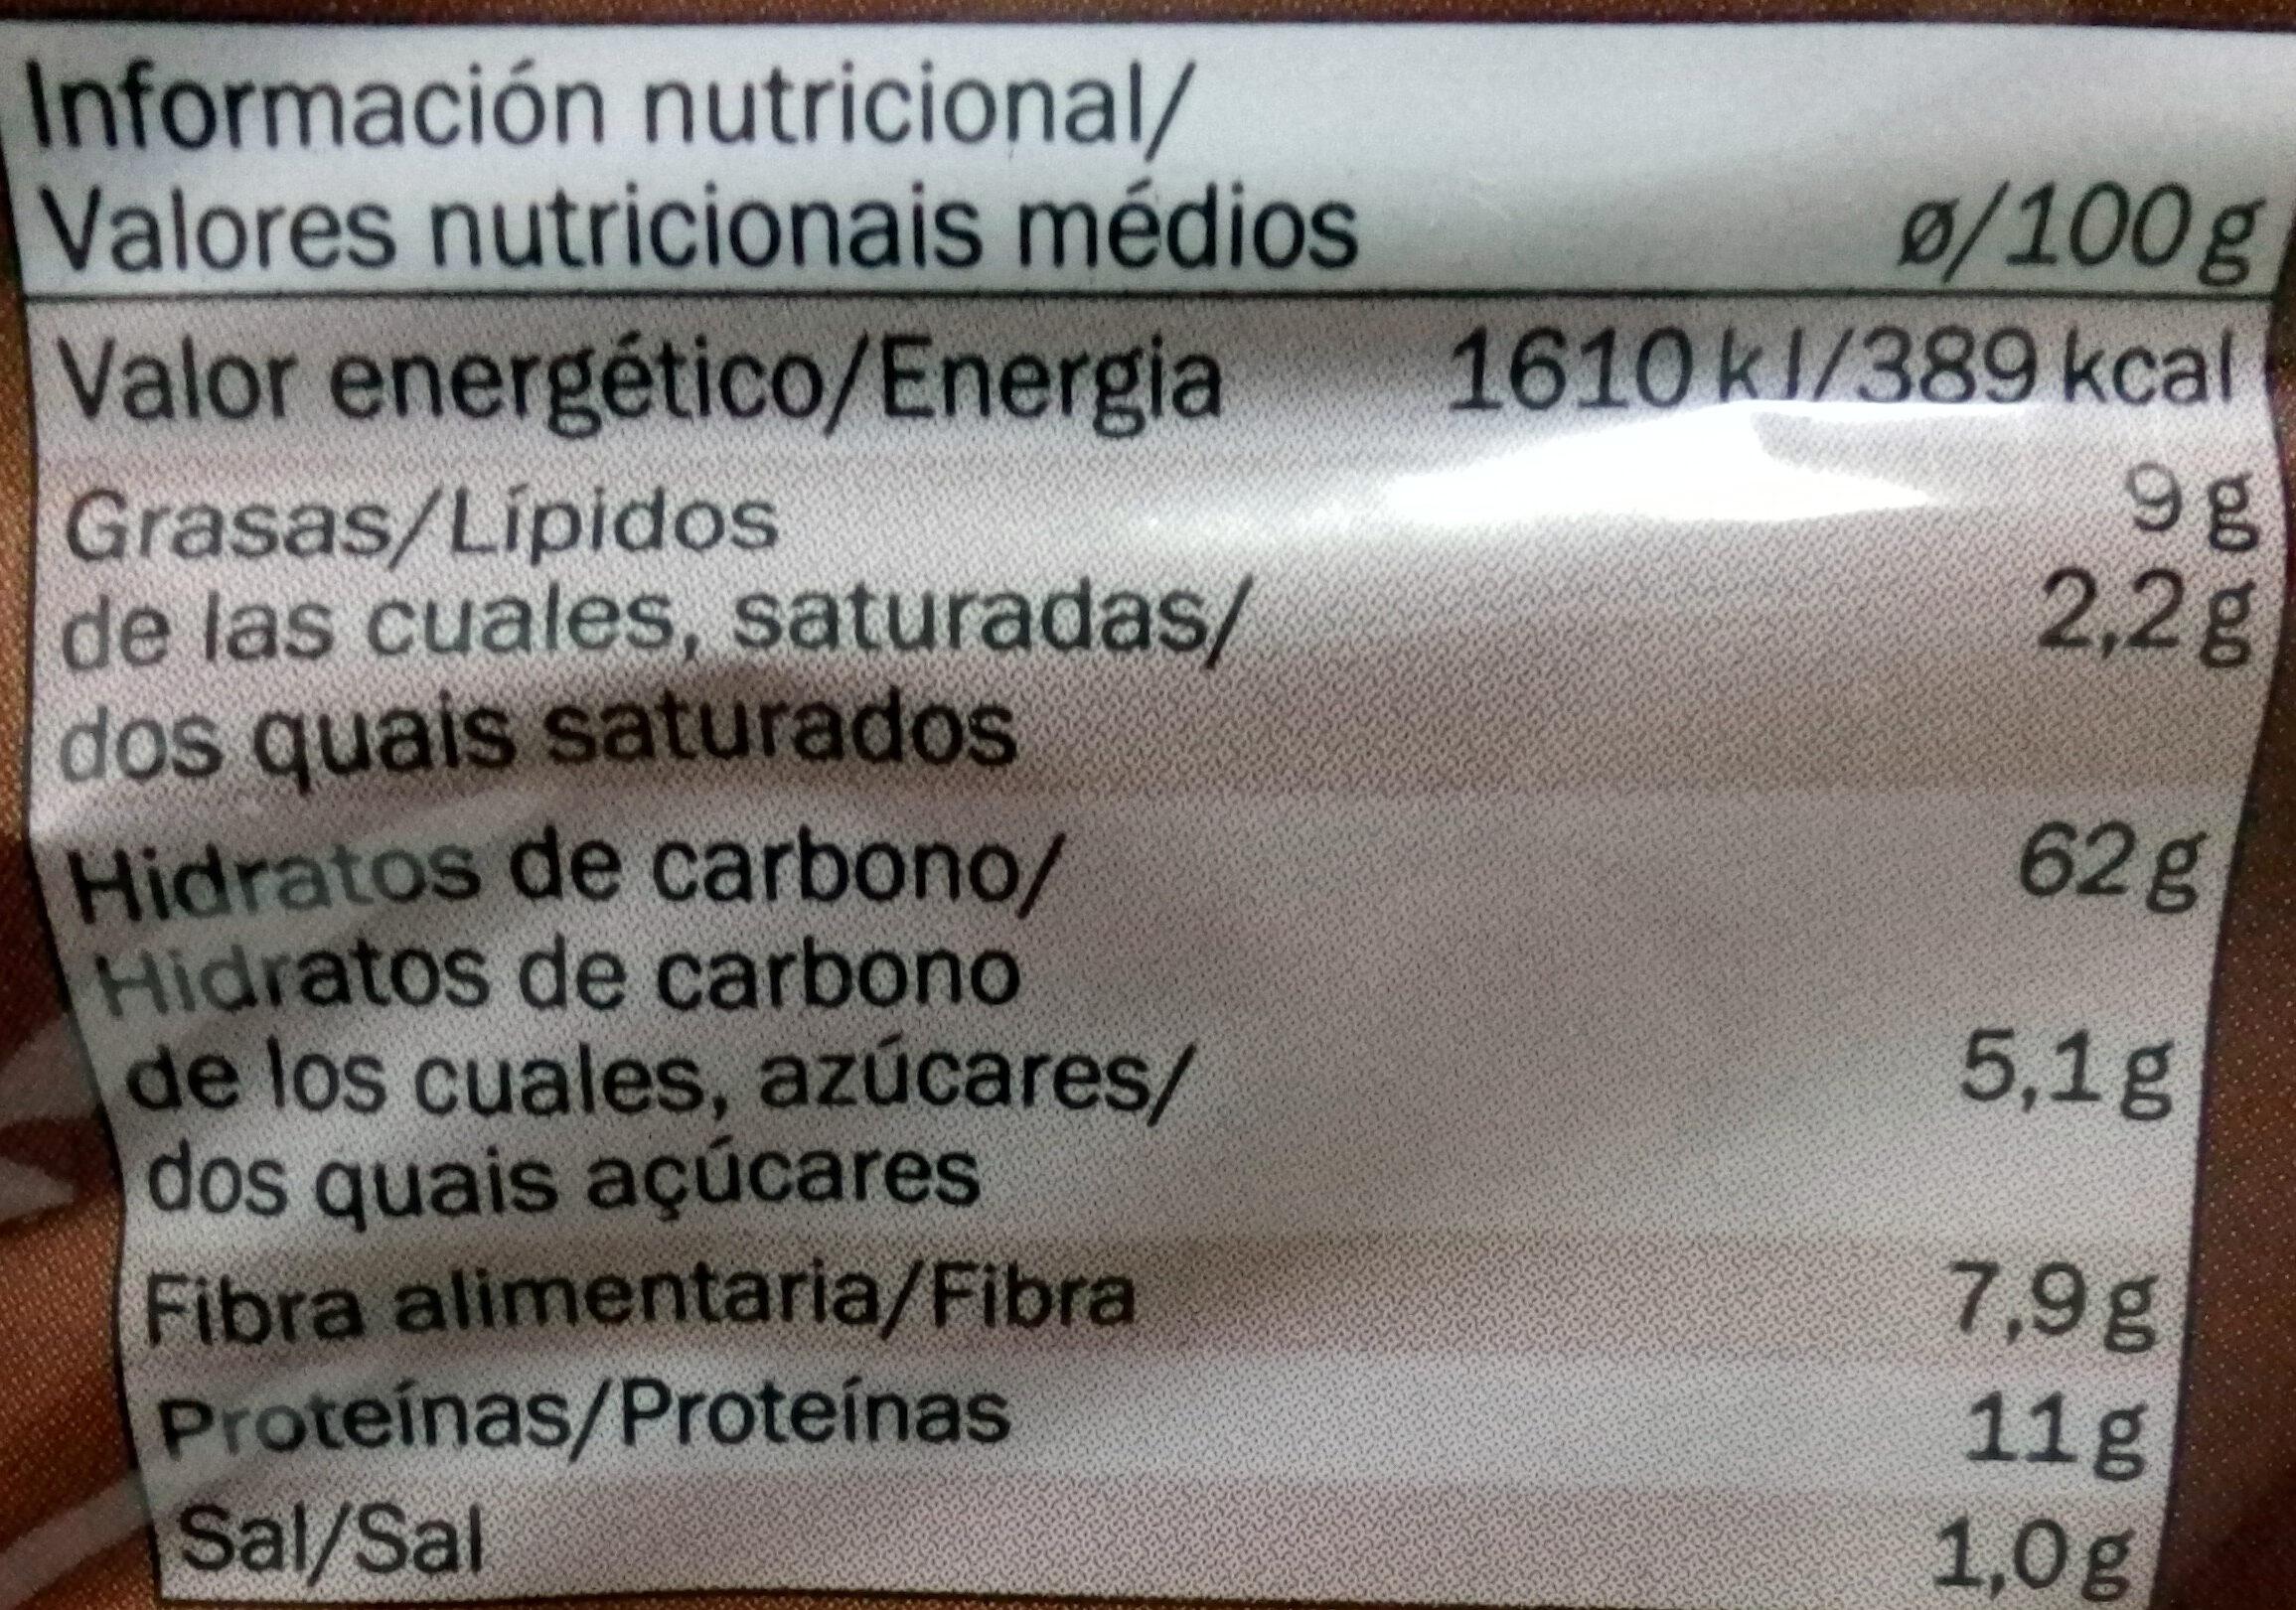 Tostas com farinha integral - Nutrition facts - pt